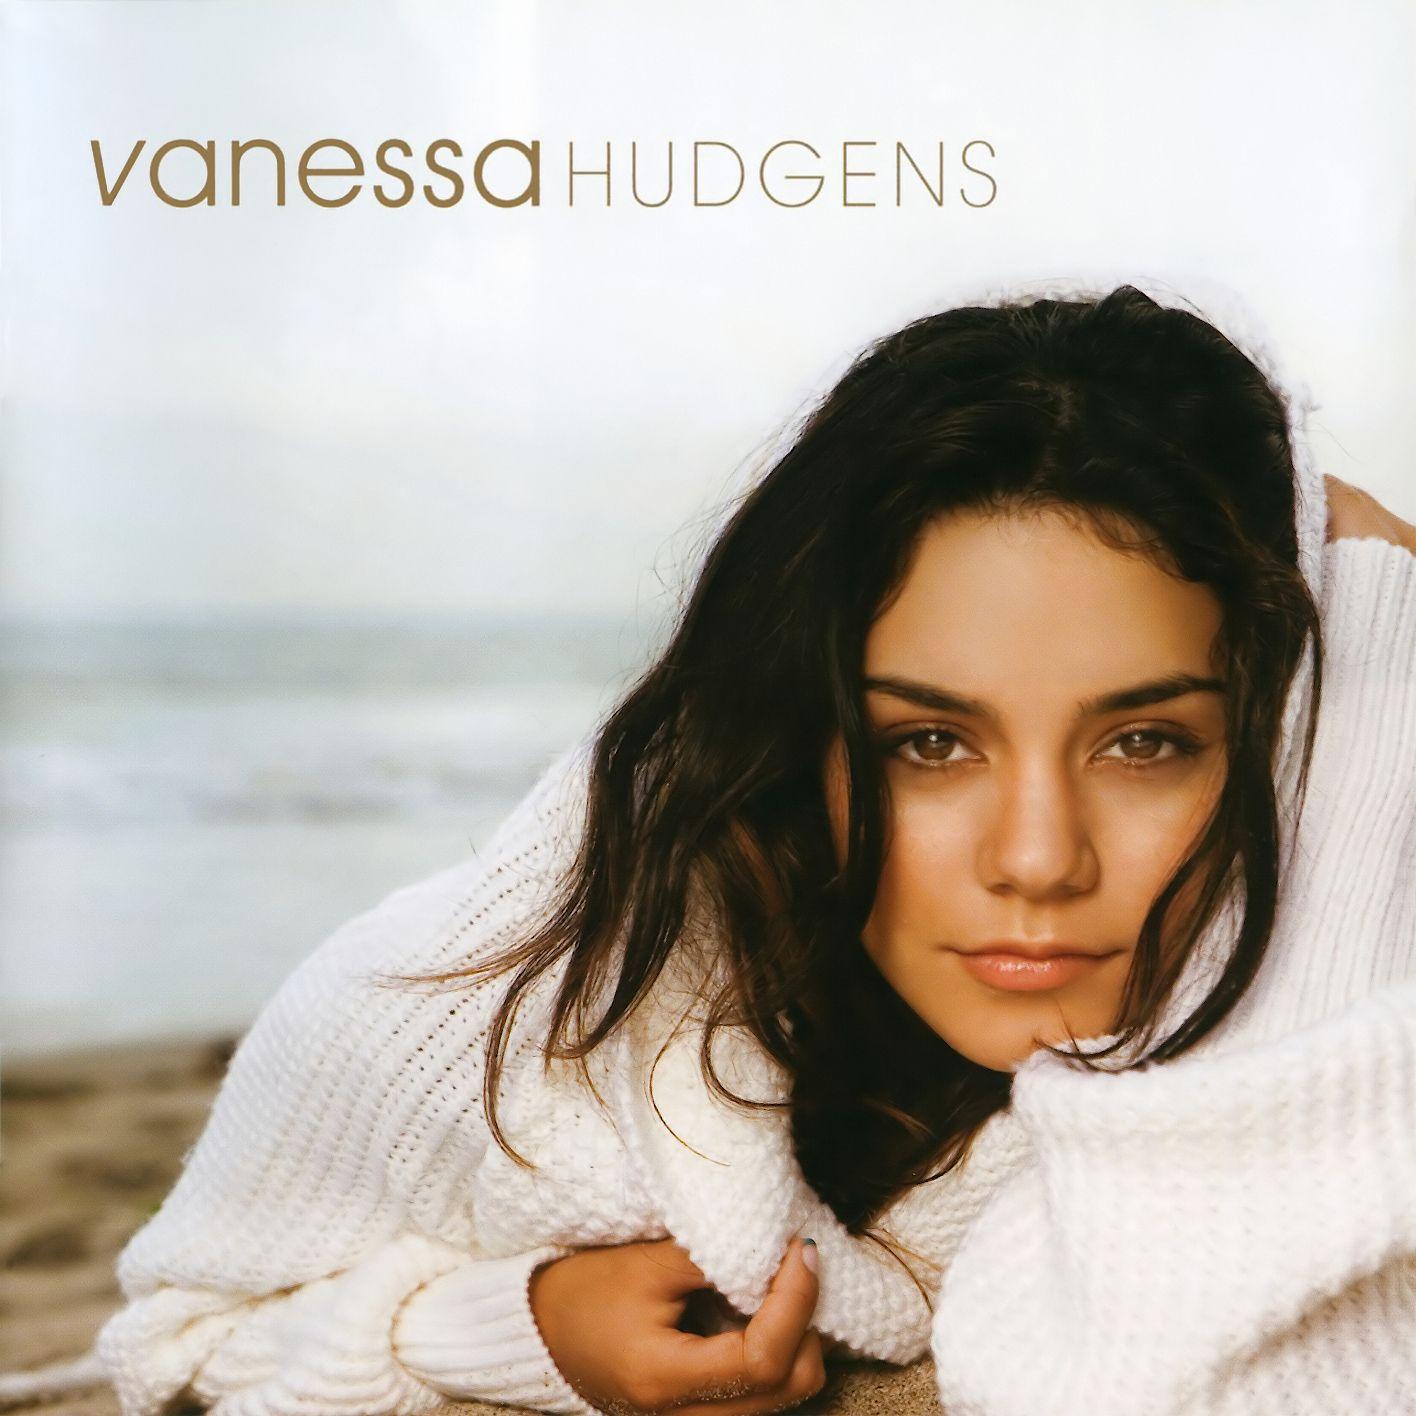 Vanessa Hudgens - V album cover